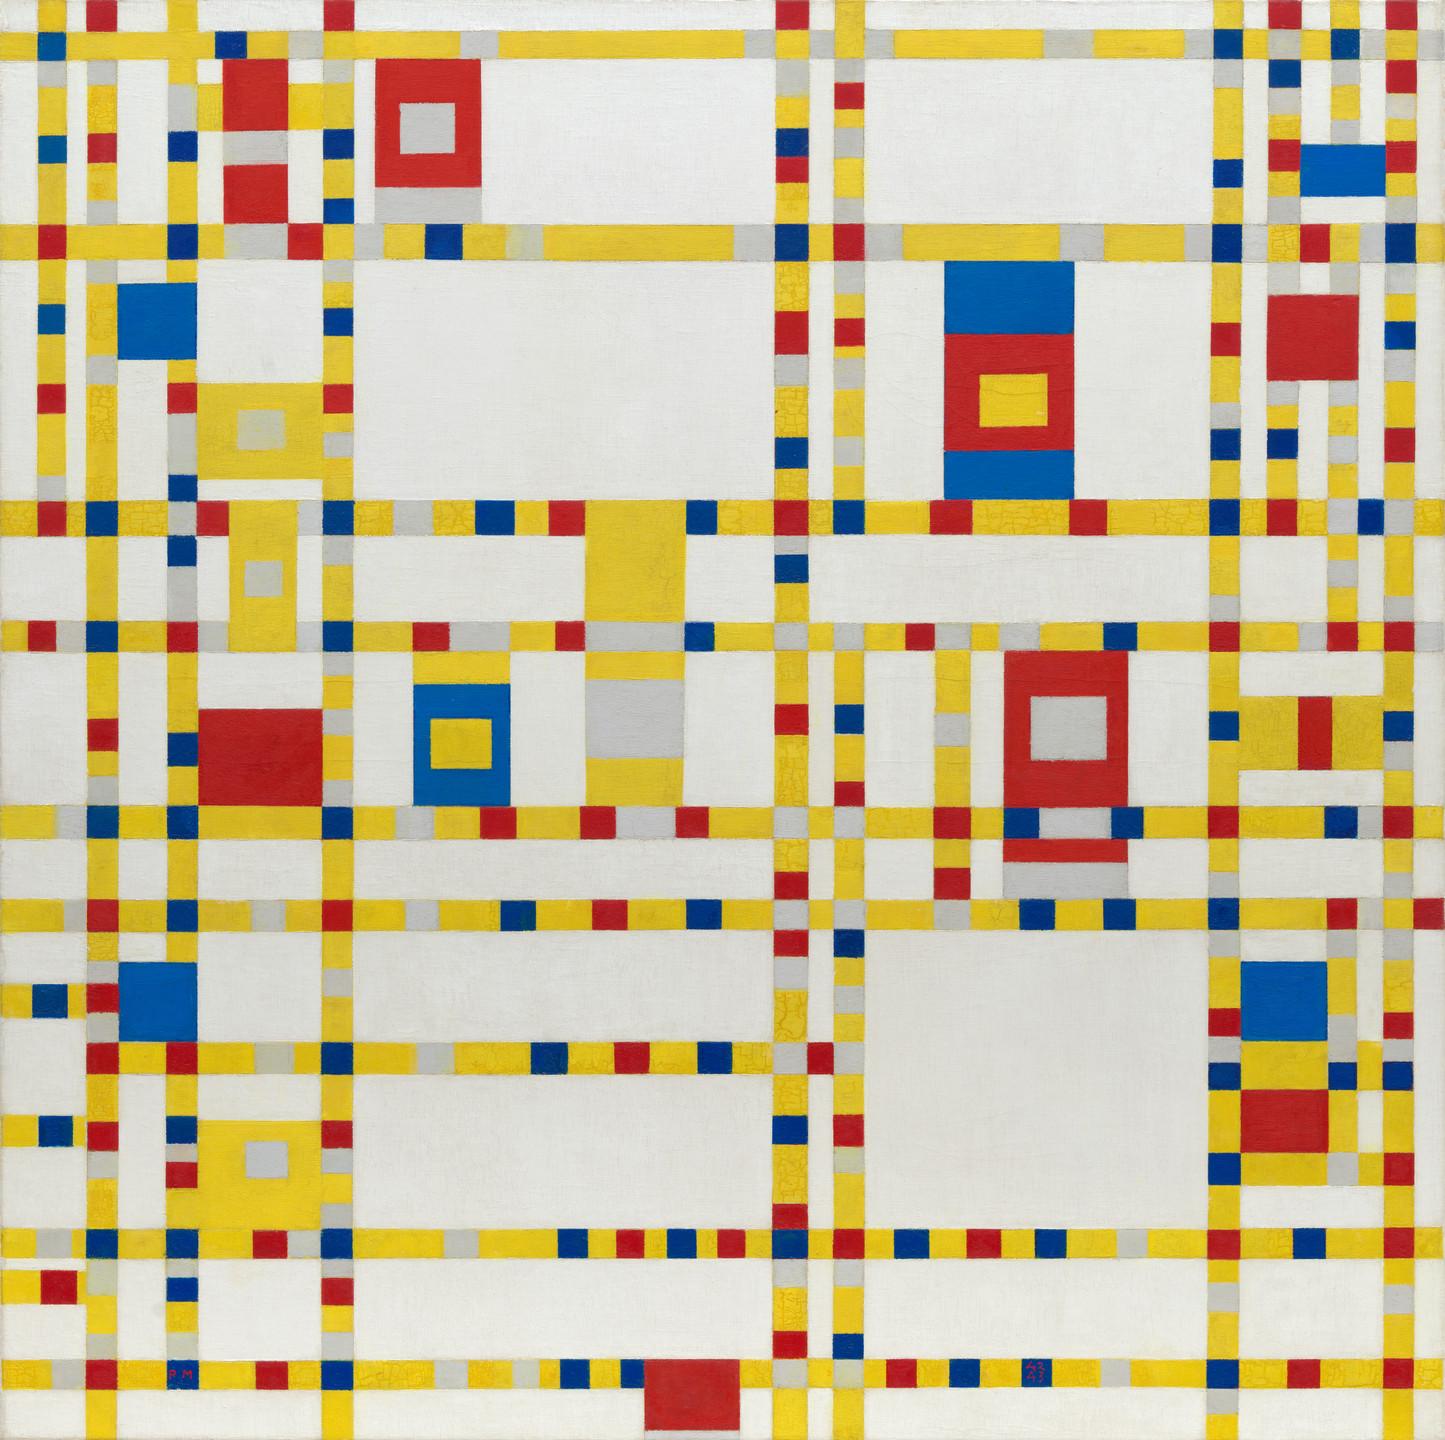 Piet Mondrian. Broadway Boogie Woogie. 1942-43 | MoMA